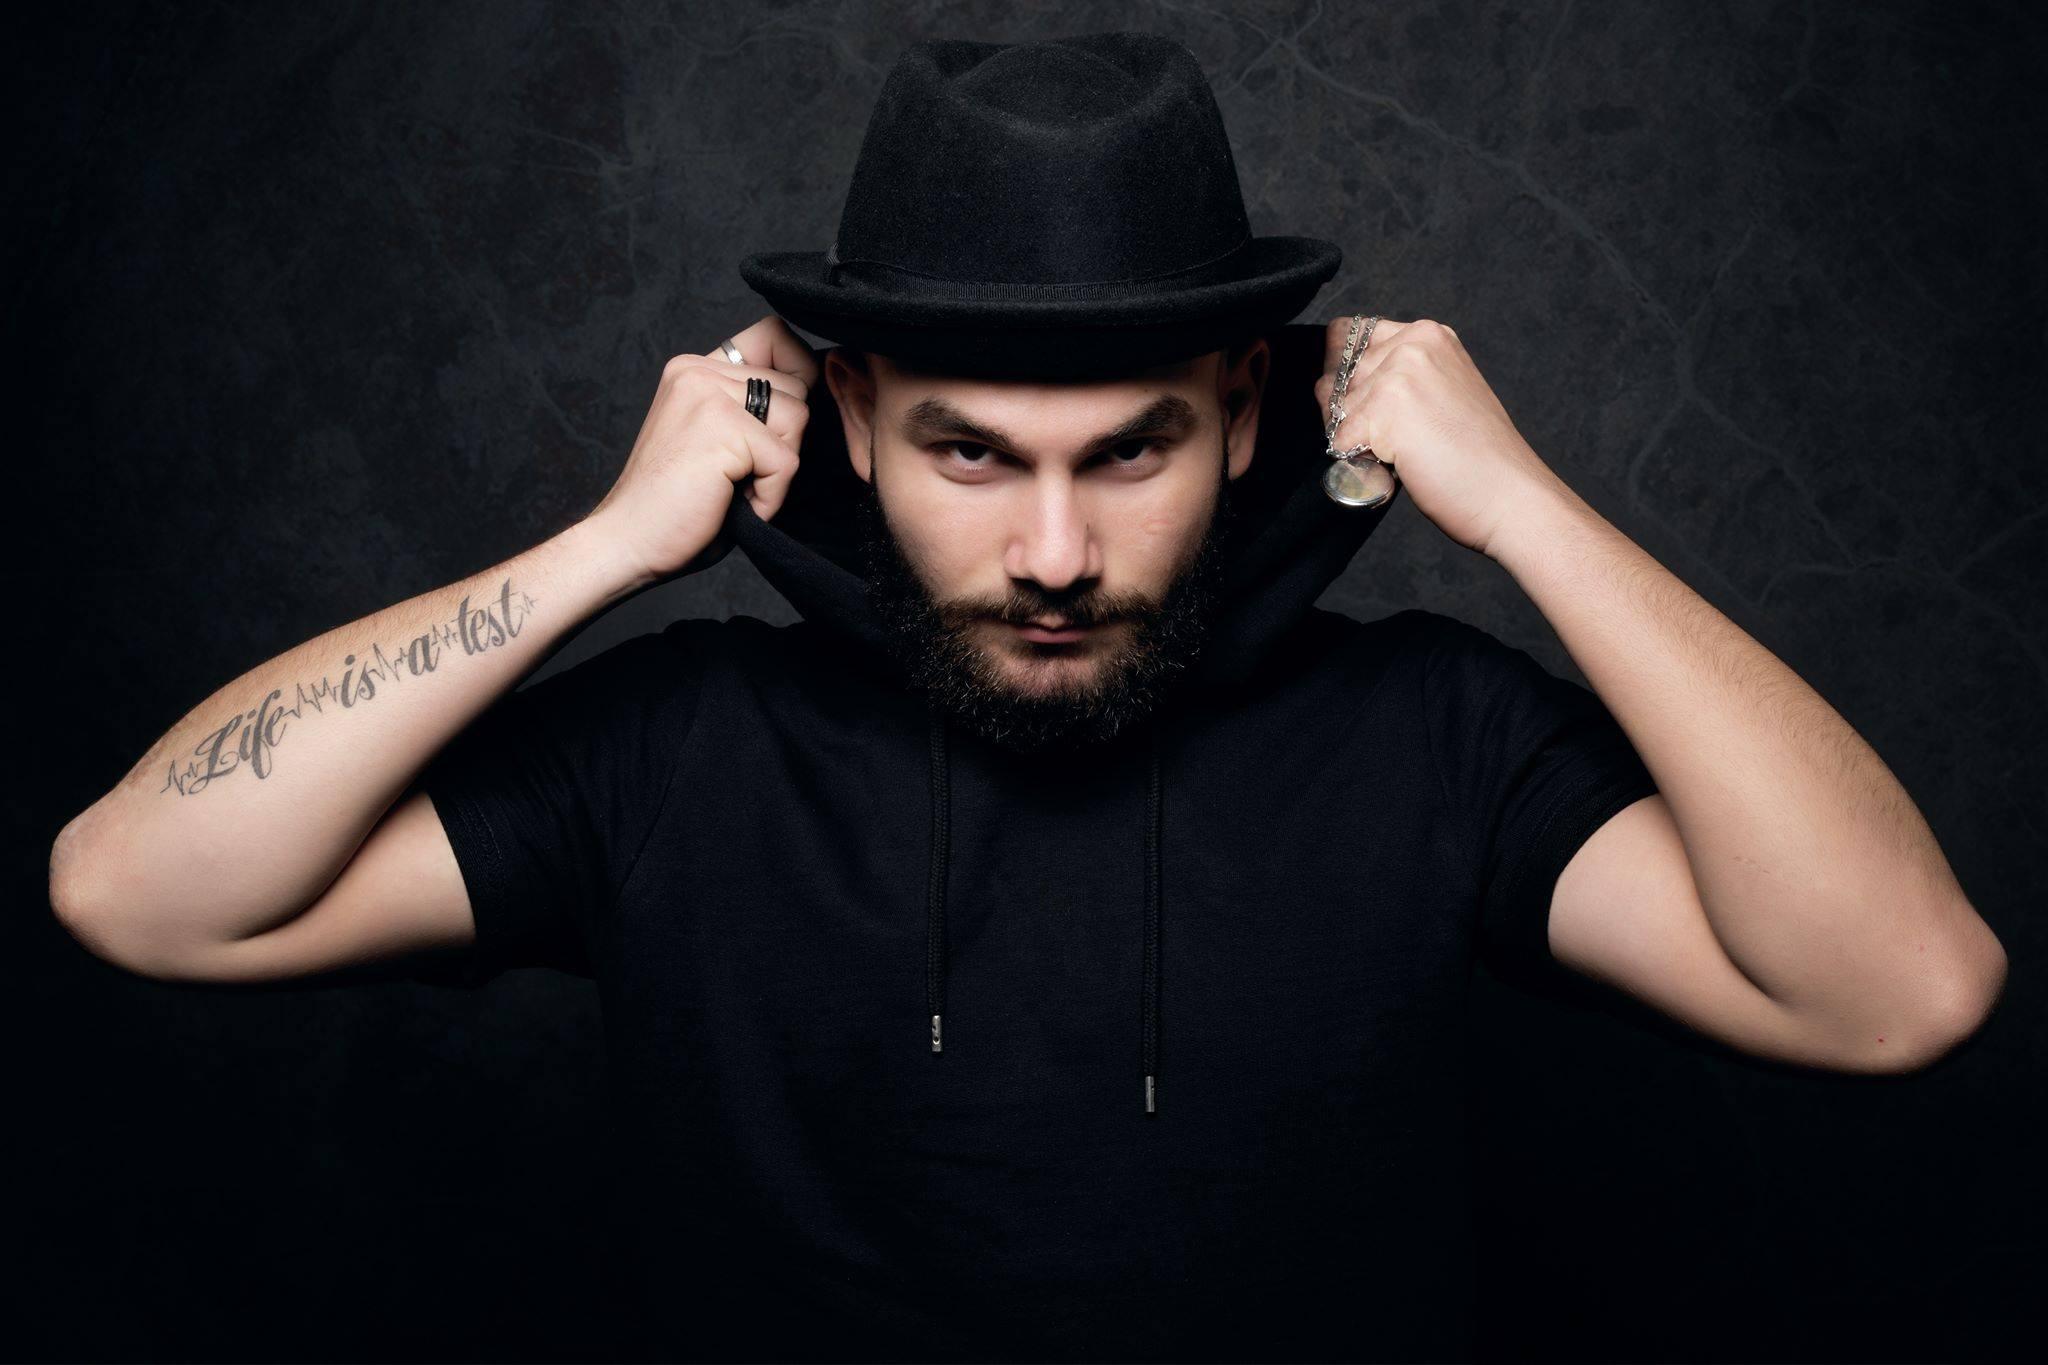 Entrevue avec Cazaloo l'hypnotiseur